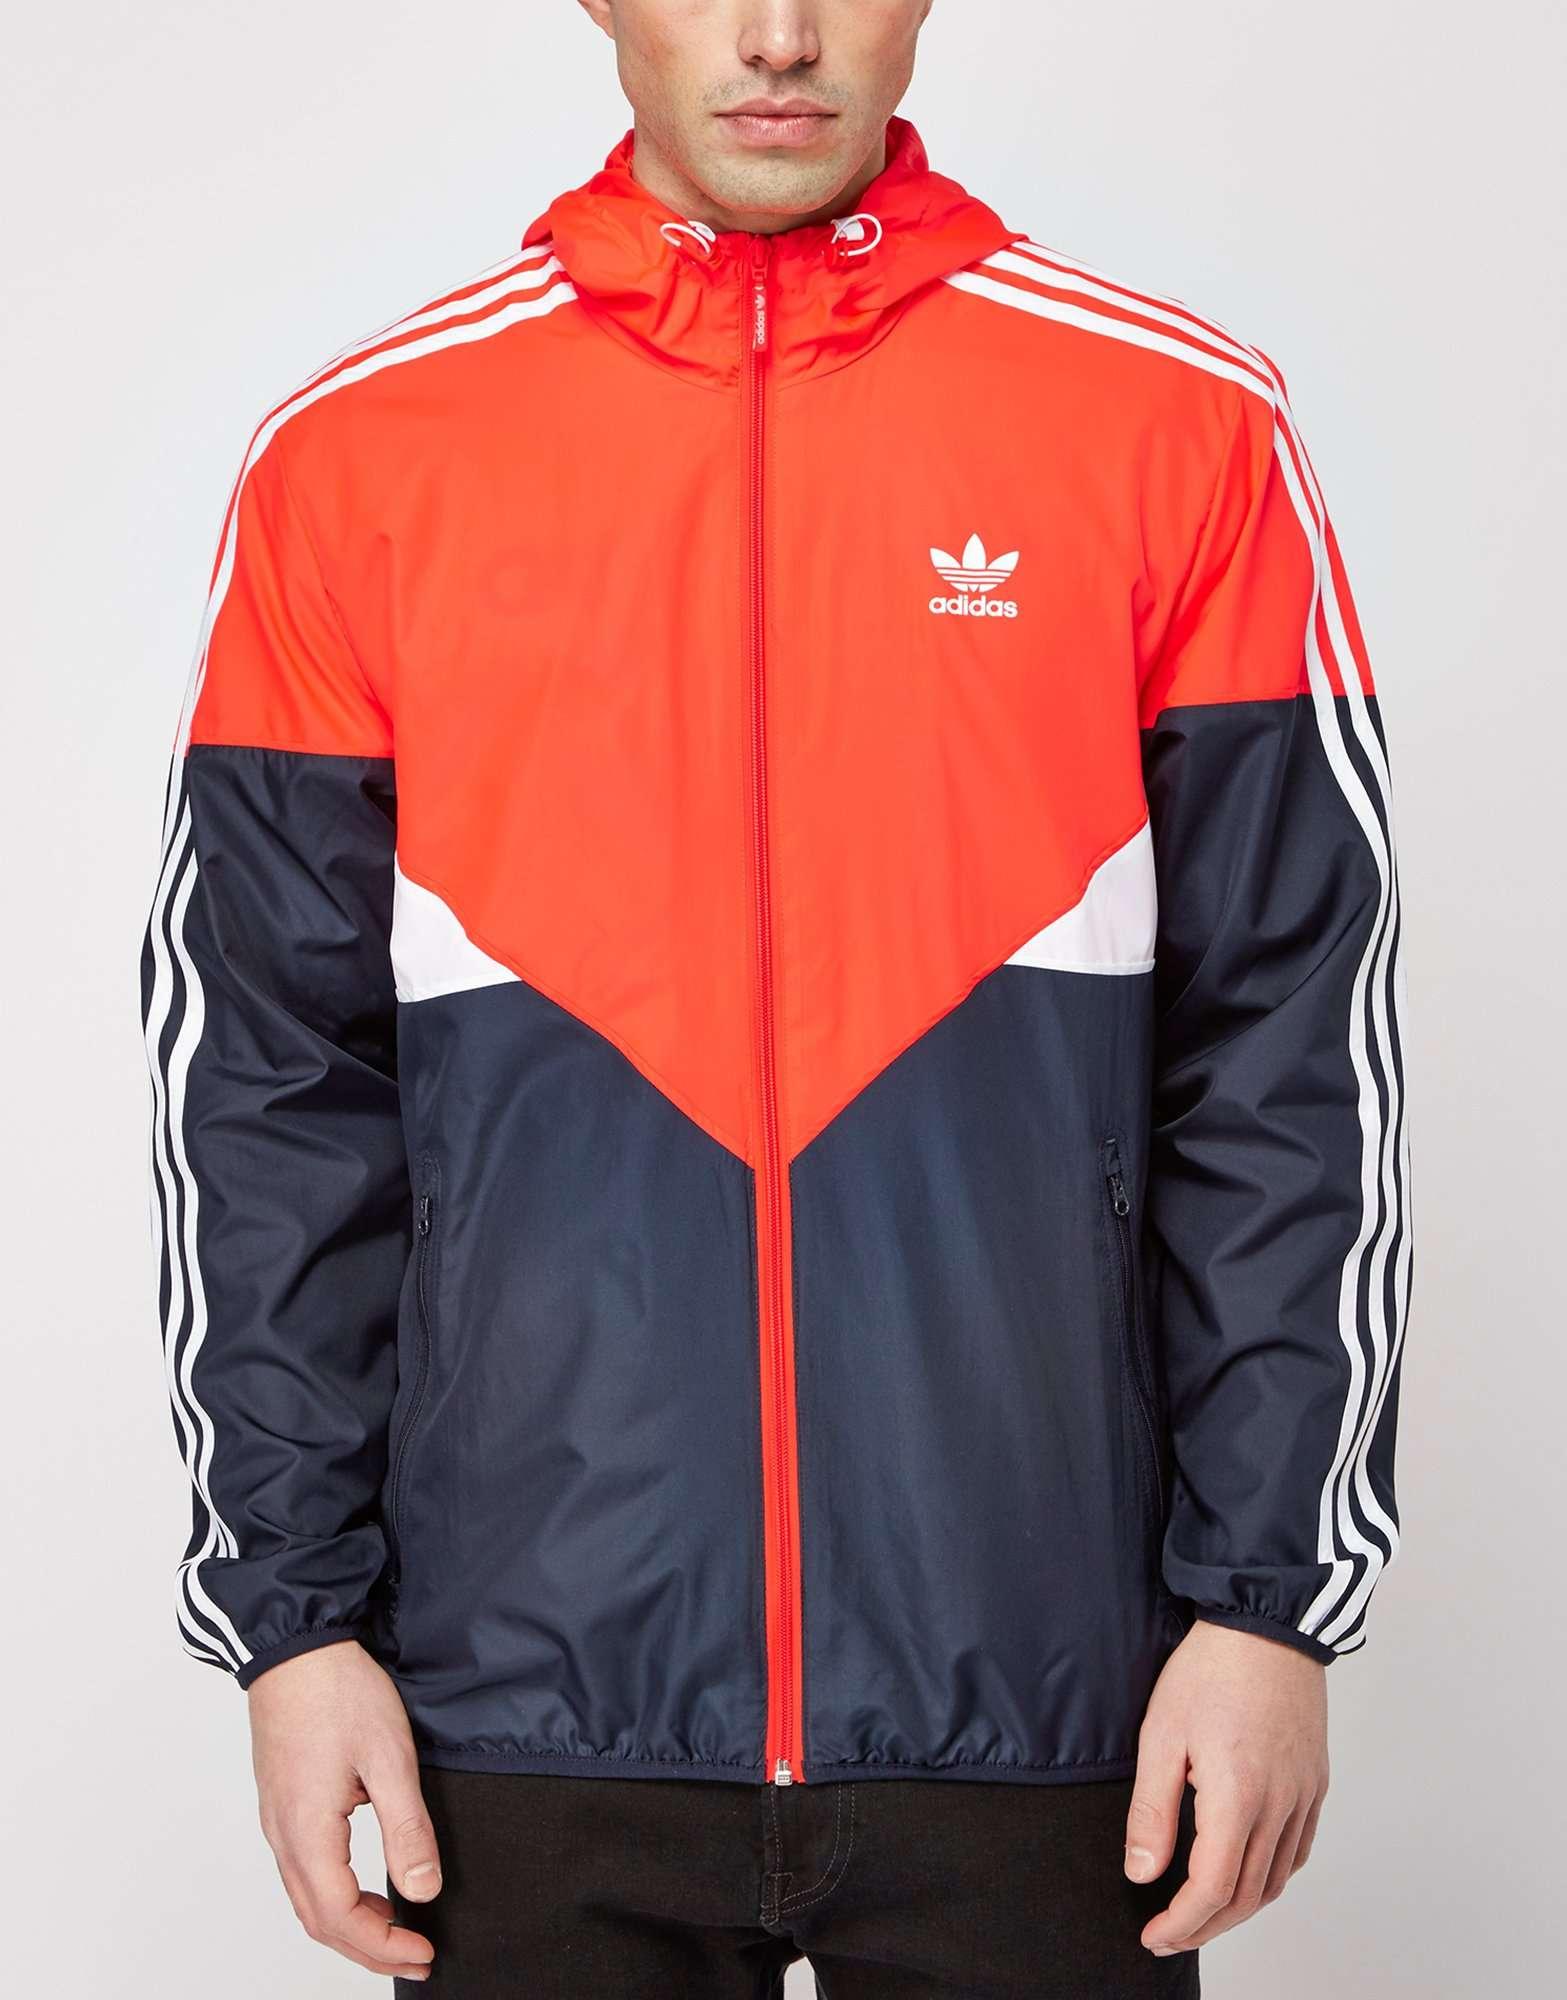 adidas Originals Colorado Jacket | scotts Menswear